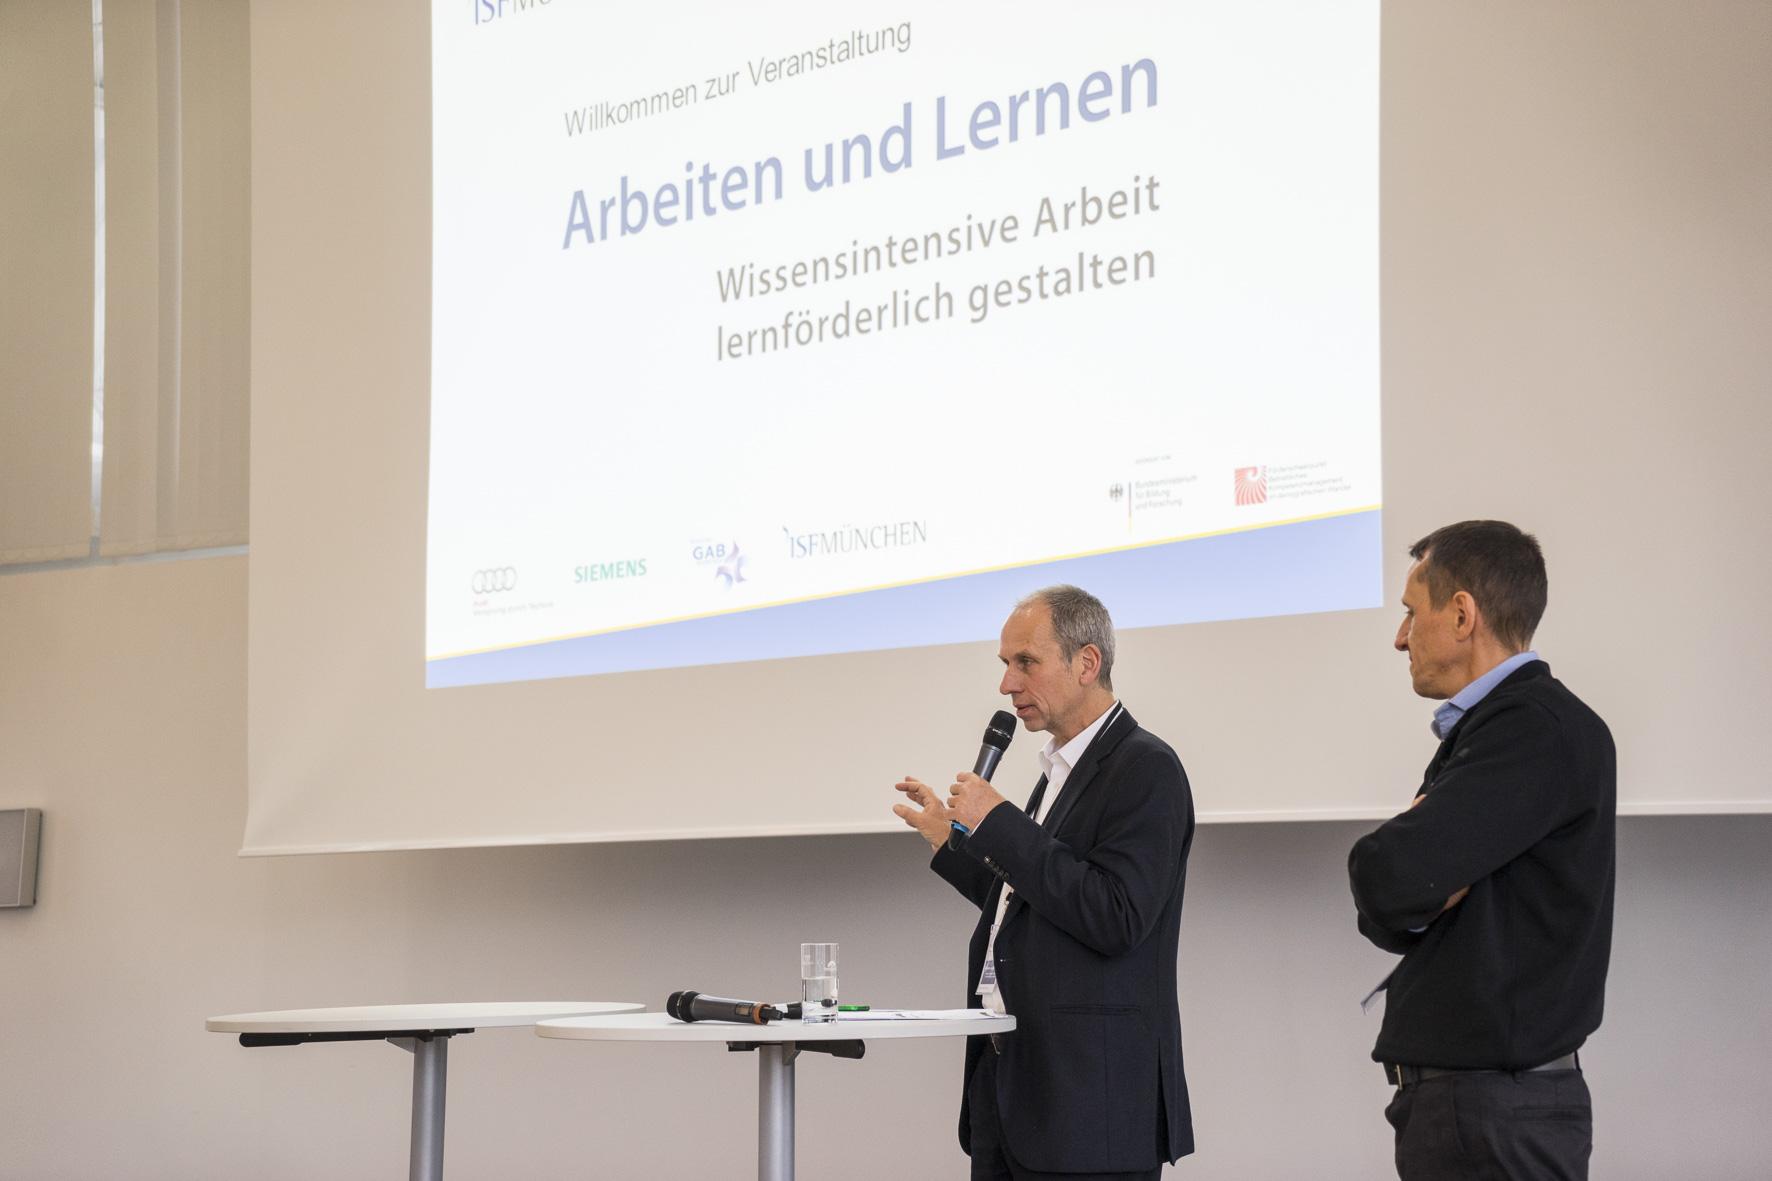 Dr. Eckhard Heidling, Wissenschaftler am ISF München und Leiter der Zusammenarbeit mit Siemens (links), beschreibt gemeinsam mit Dr. vom Eyser von Siemens CT (rechts) den dortigen Ansatz.